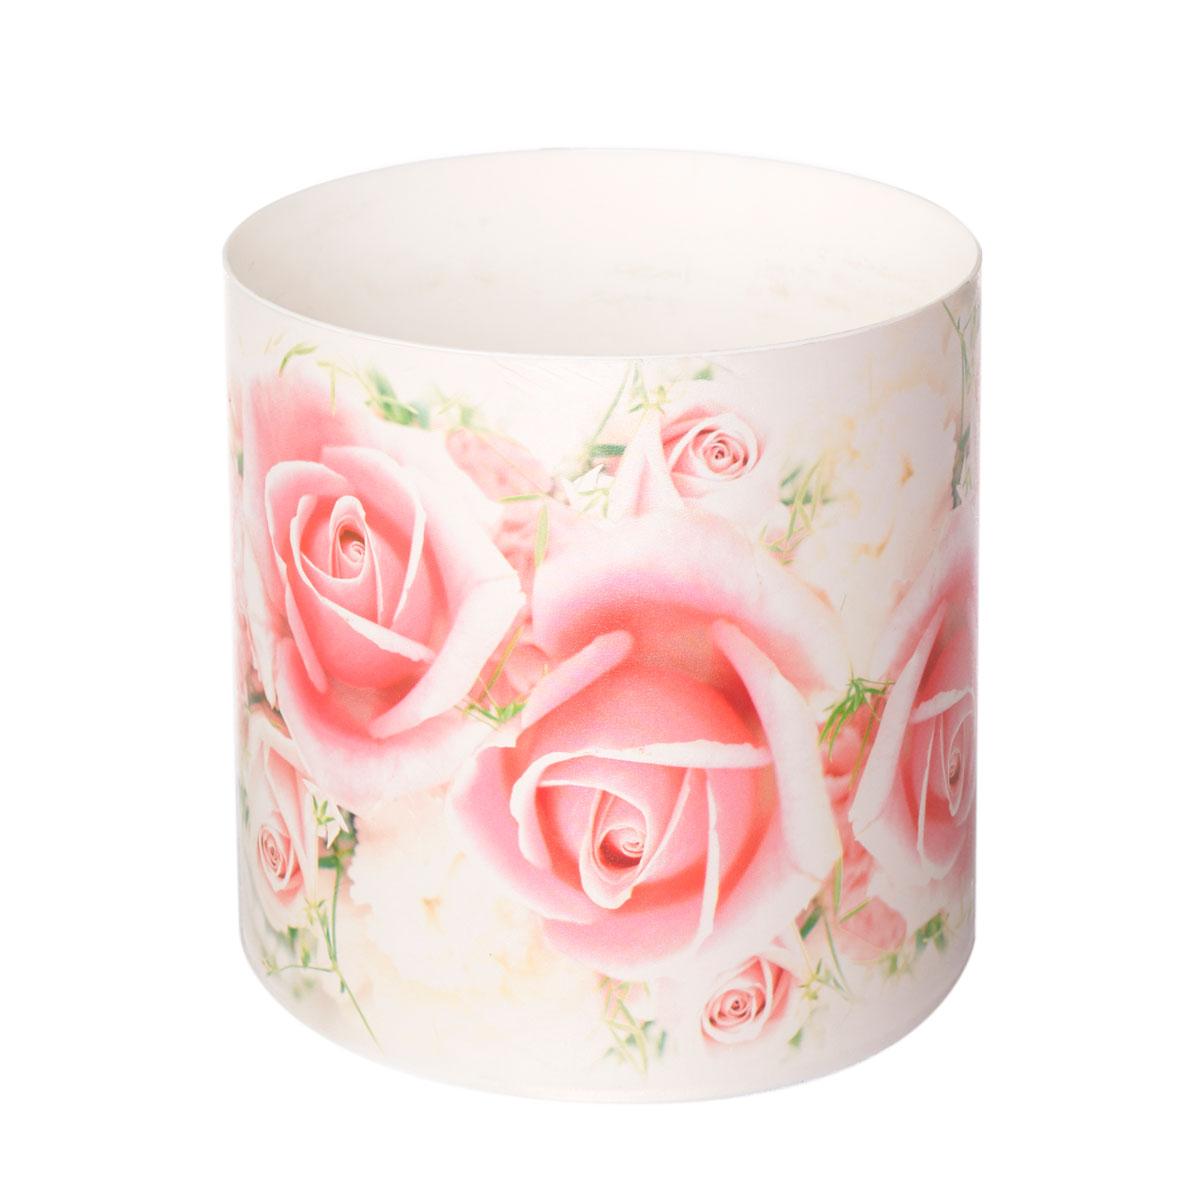 Горшок для цветов Miolla Розы, со скрытым поддоном, 1,7 лSMG-27Горшок для цветов Miolla Розы со скрытым поддоном выполнен из пластика и декорирован красочным рисунком.Диаметр горшка: 13,5 см.Высота горшка (с учетом поддона): 13,5 см.Объем горшка: 1,7 л.